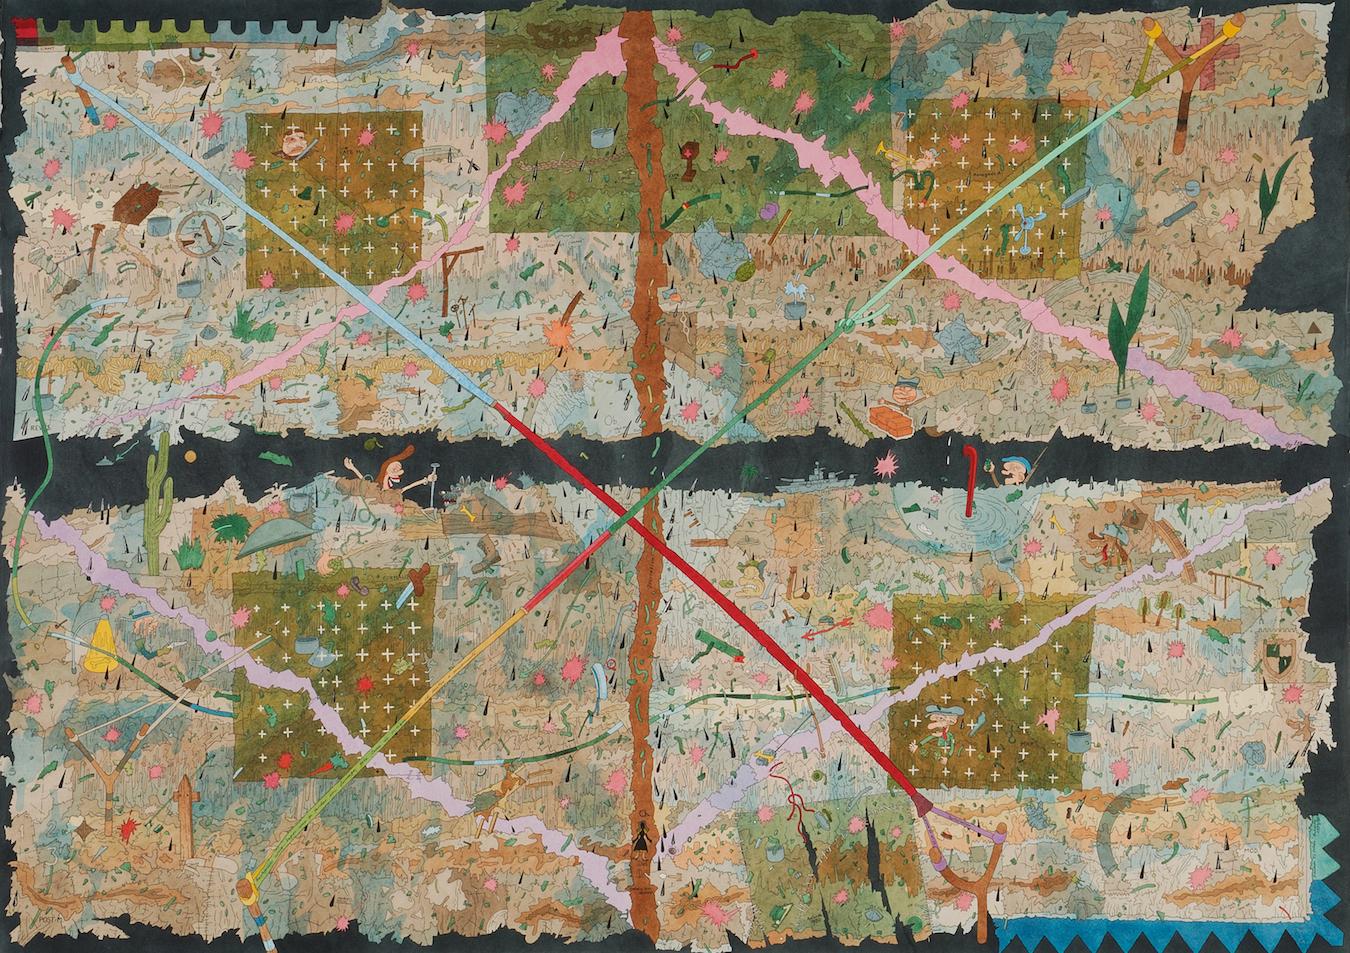 CS066601Com as fardas em farrapos, 1979-80, aguarela sobre papel, 75,5 x 105,5 cm.jpg